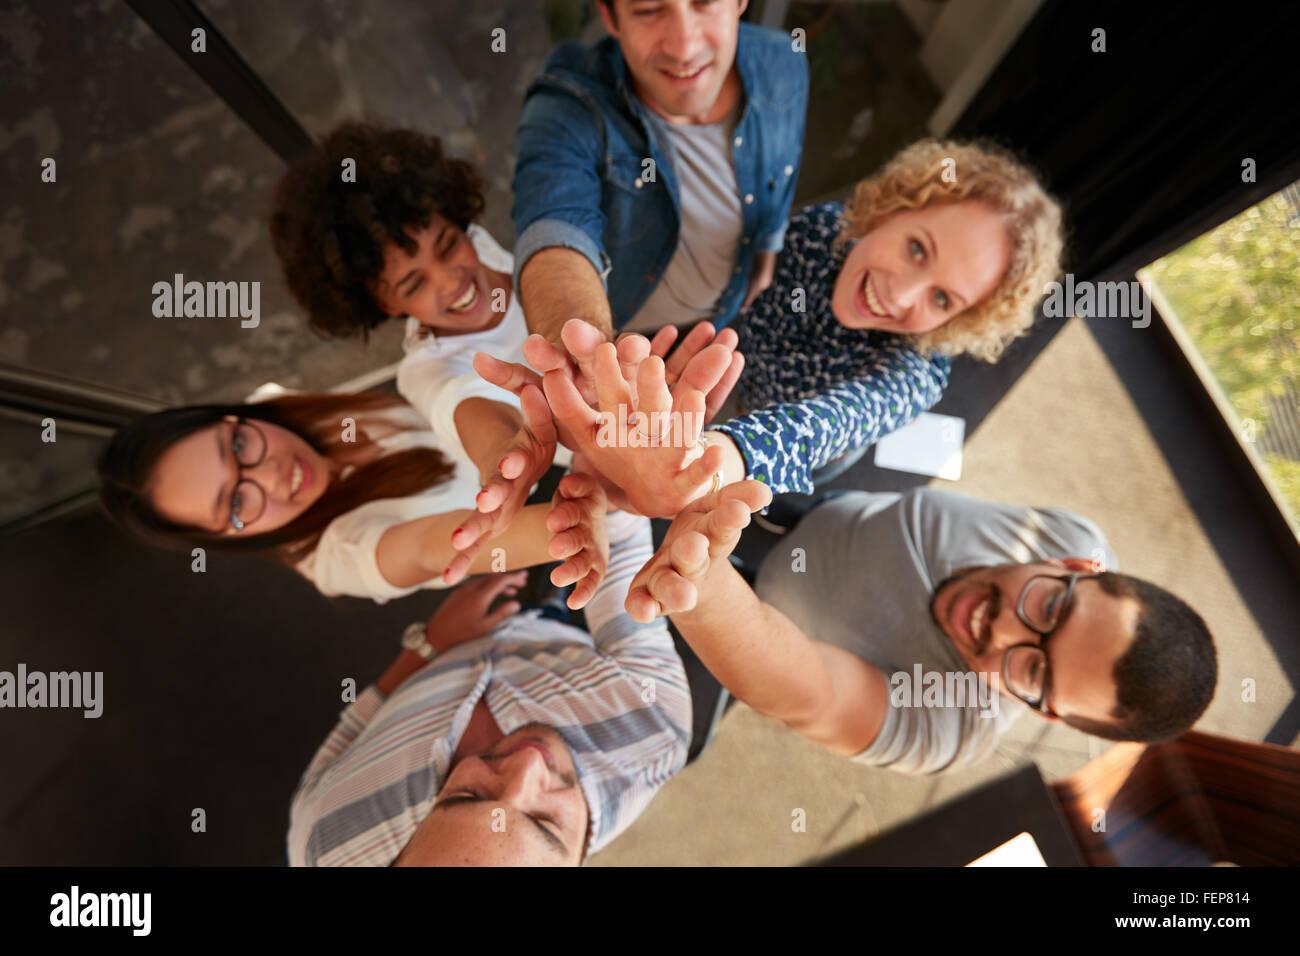 Vista superior del exitoso equipo de profesionales de alta fiving mirando a la cámara y sonriendo. Los hombres y Foto de stock